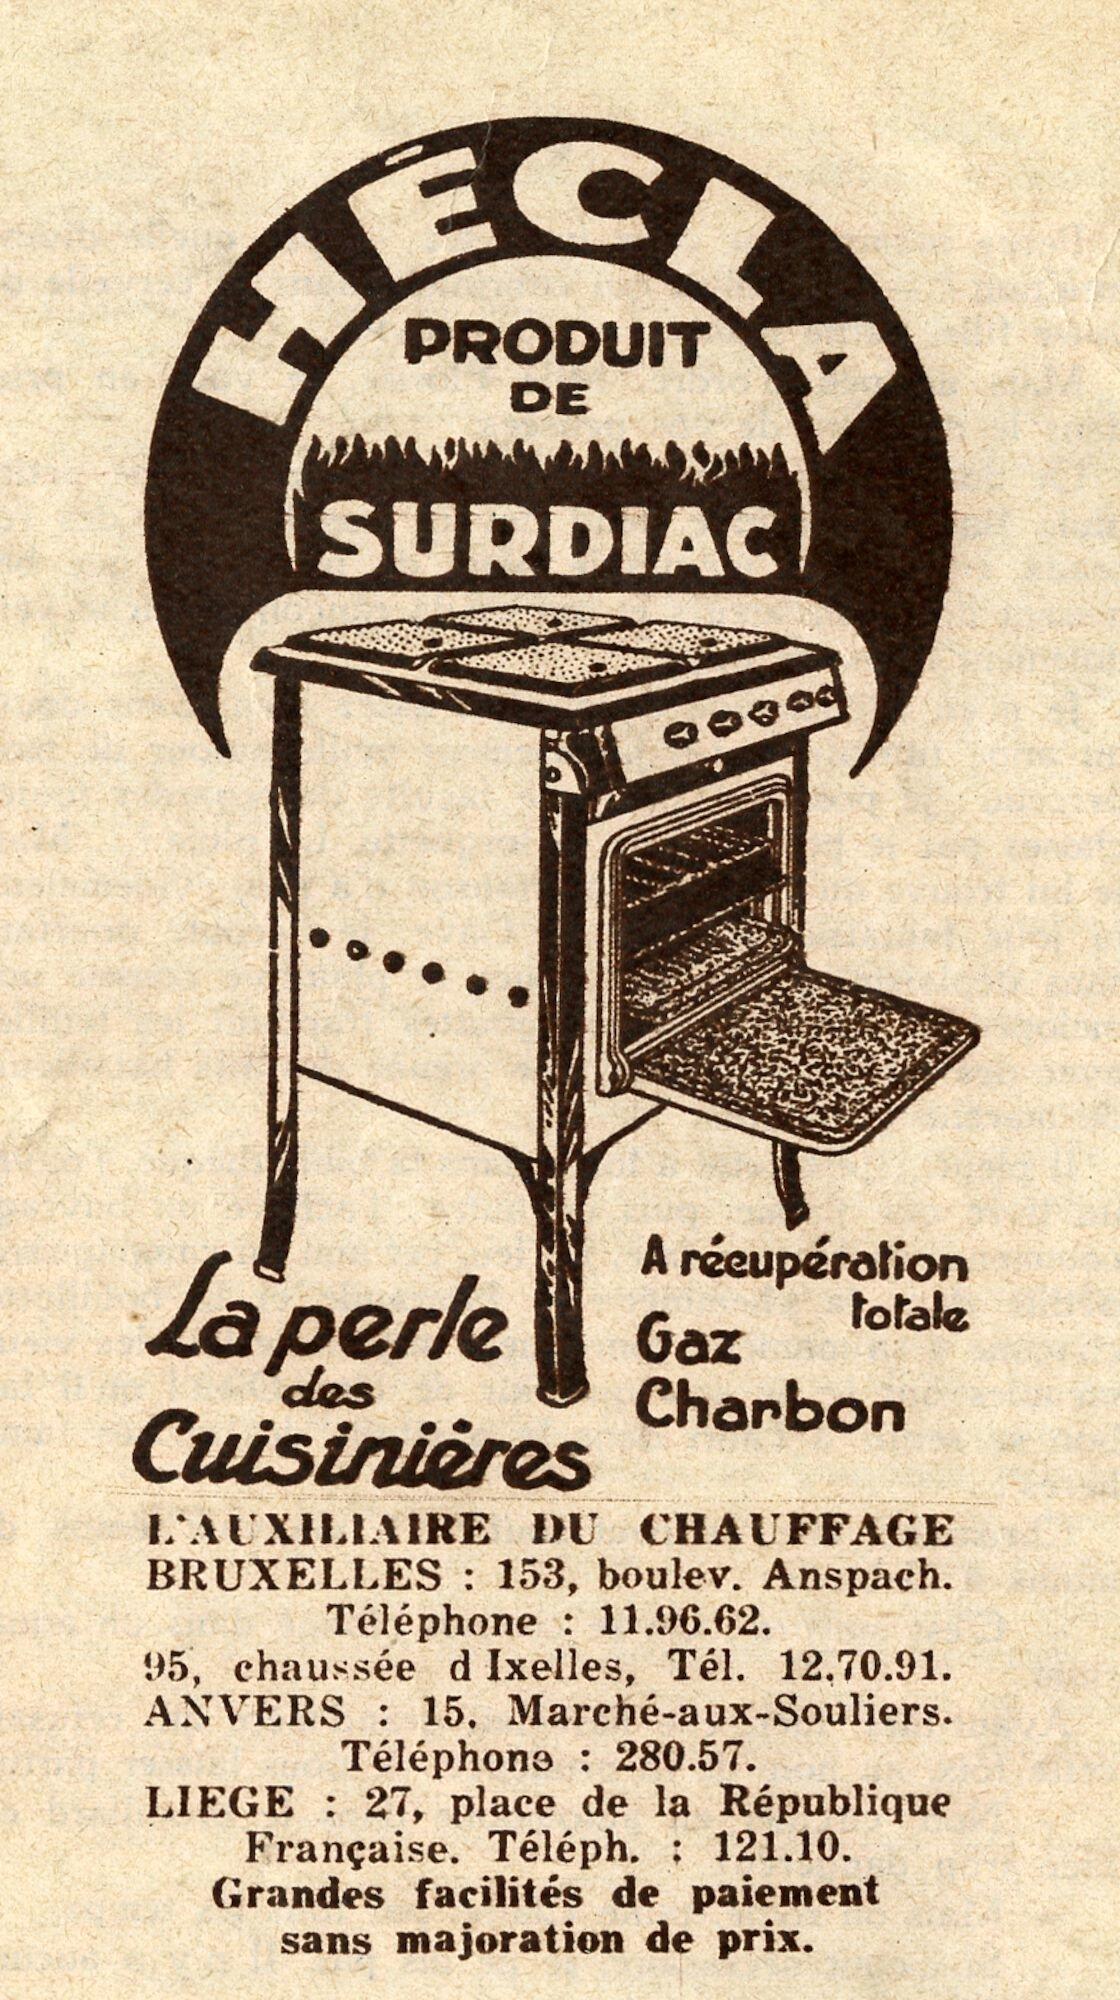 Reclame voor fornuis van het merk Surdiac